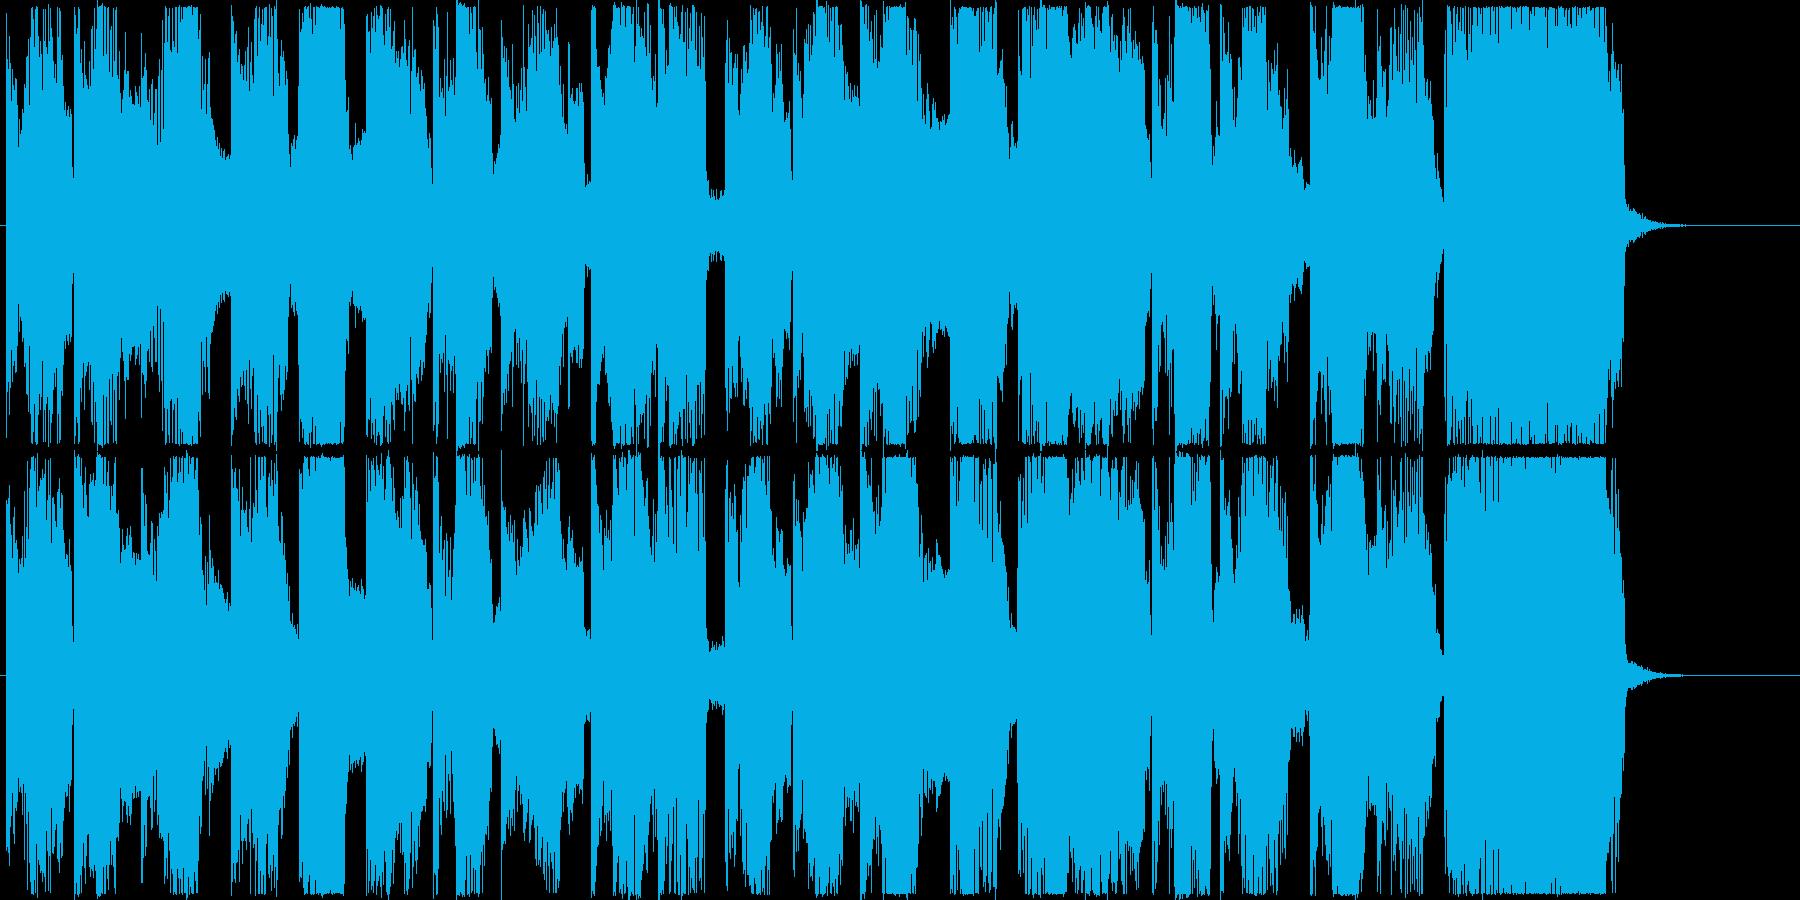 猫みたいな音色のフューチャー系ジングルの再生済みの波形